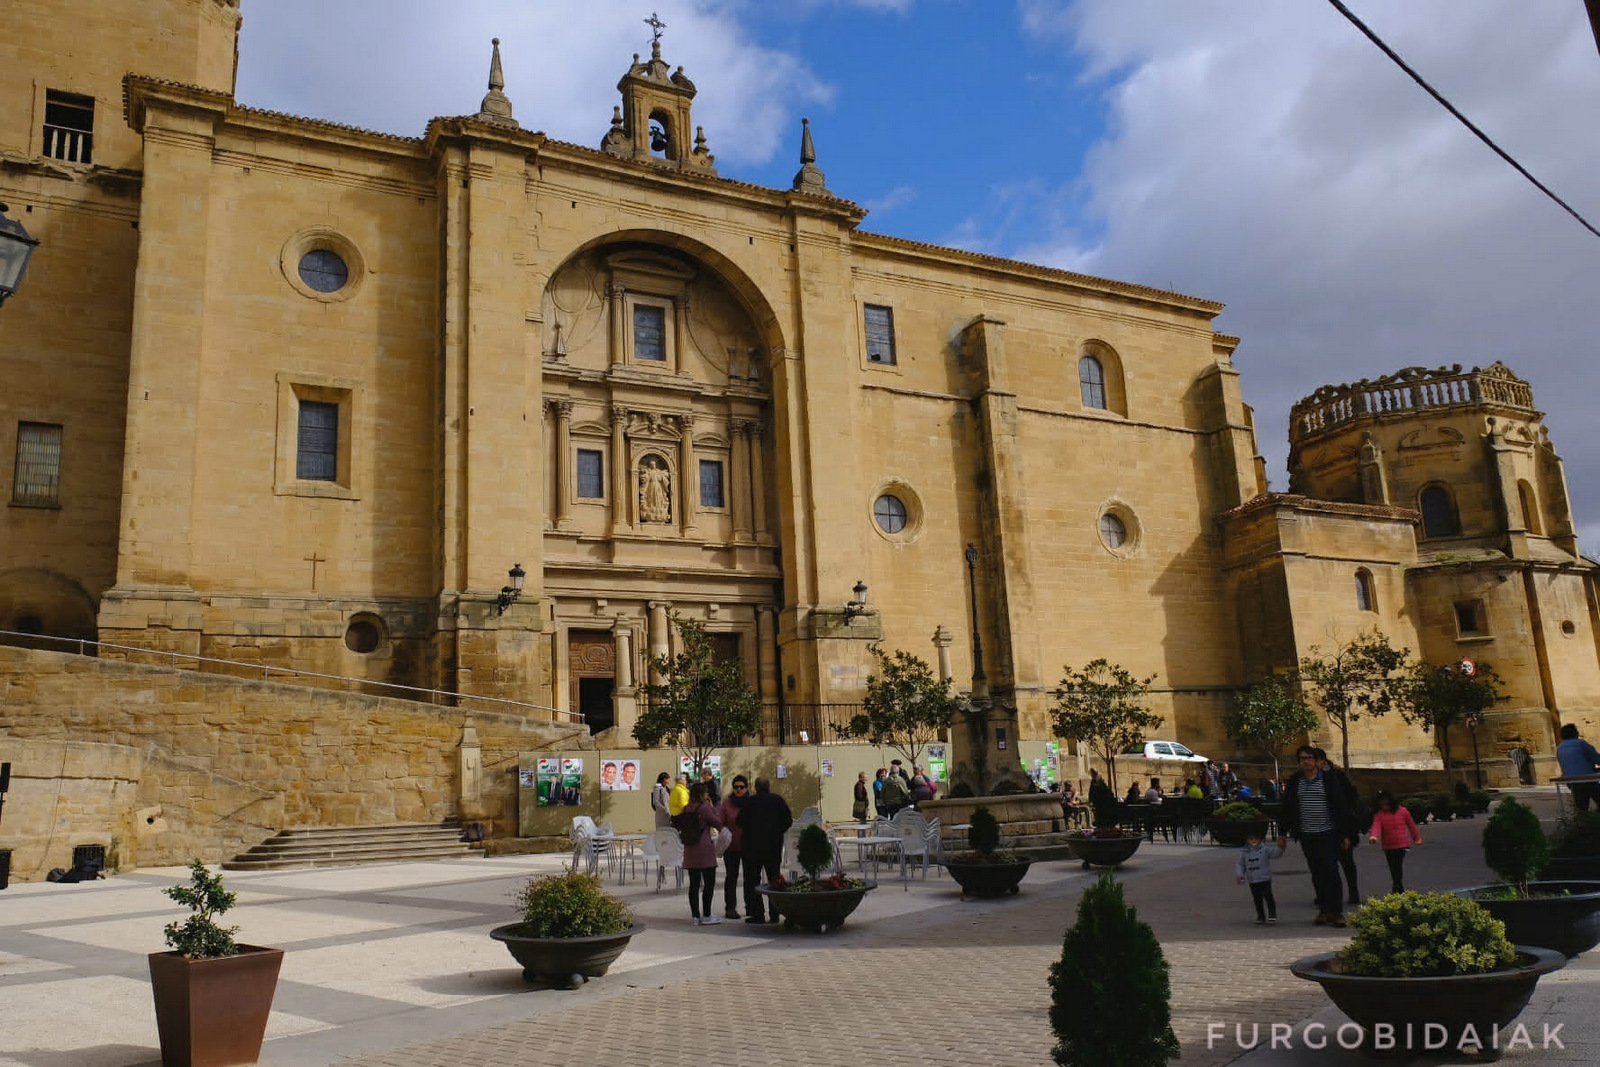 Plaza de la Paz, Labastida, La Rioja Alavesa